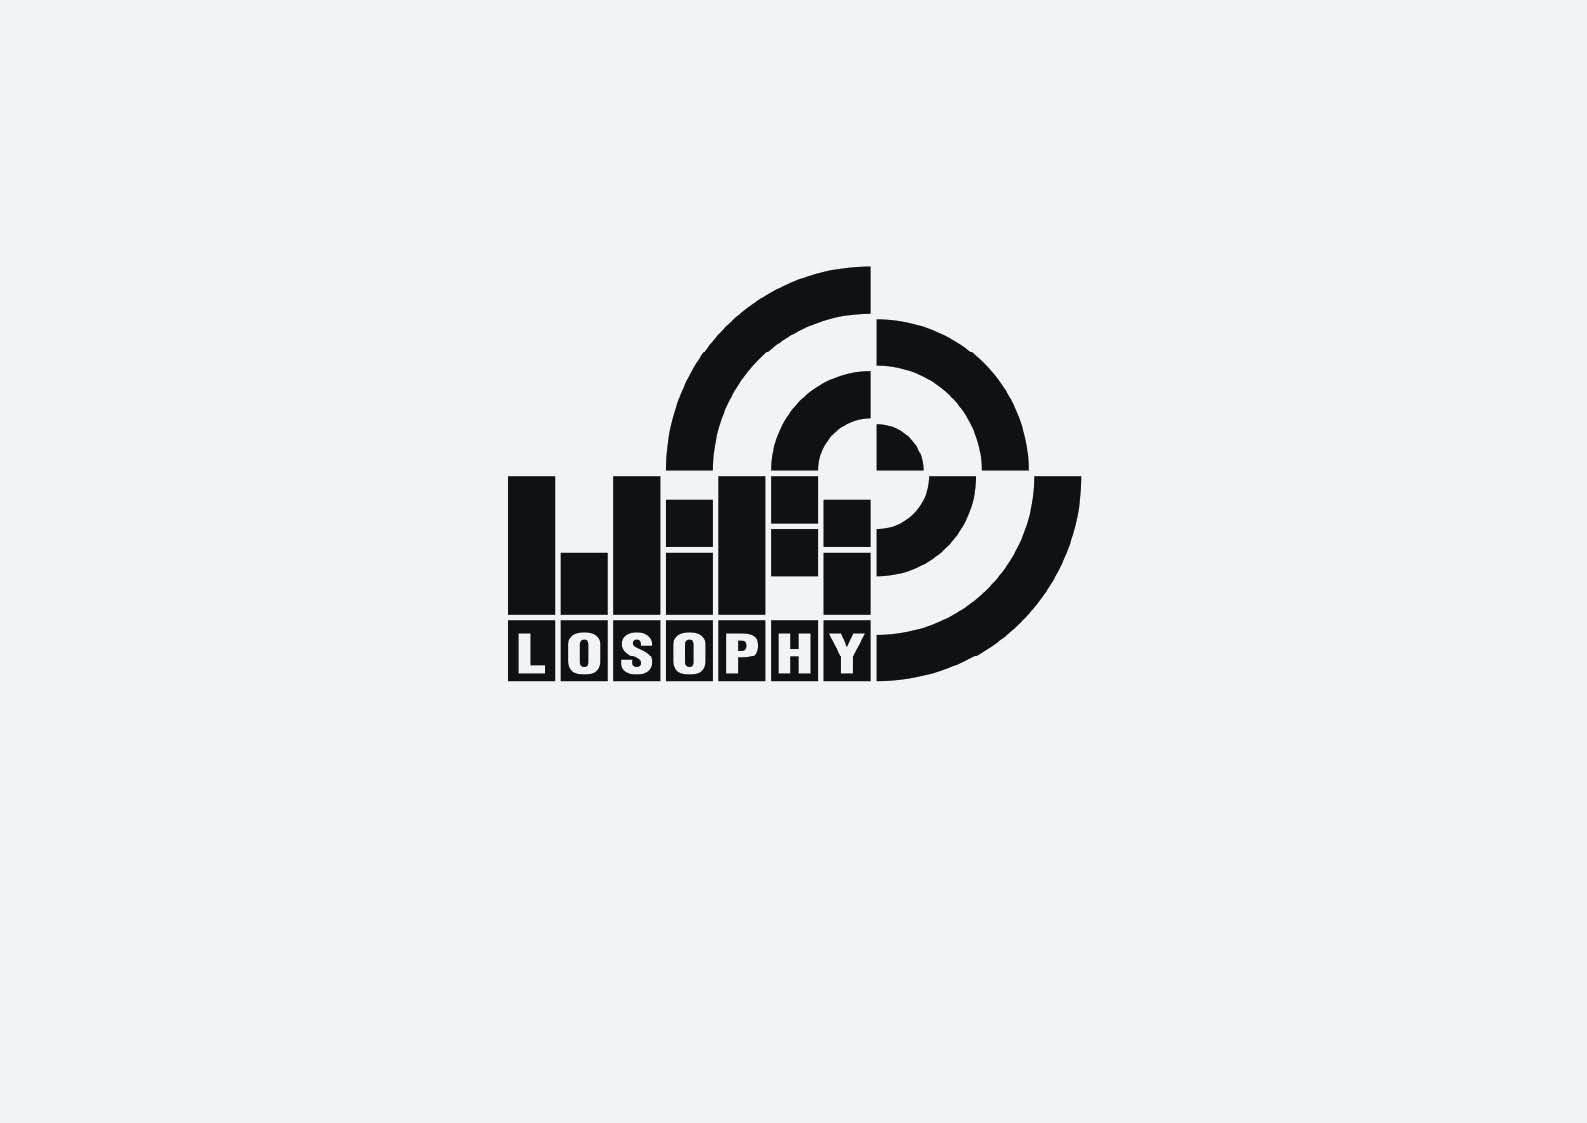 wifilosophy-02